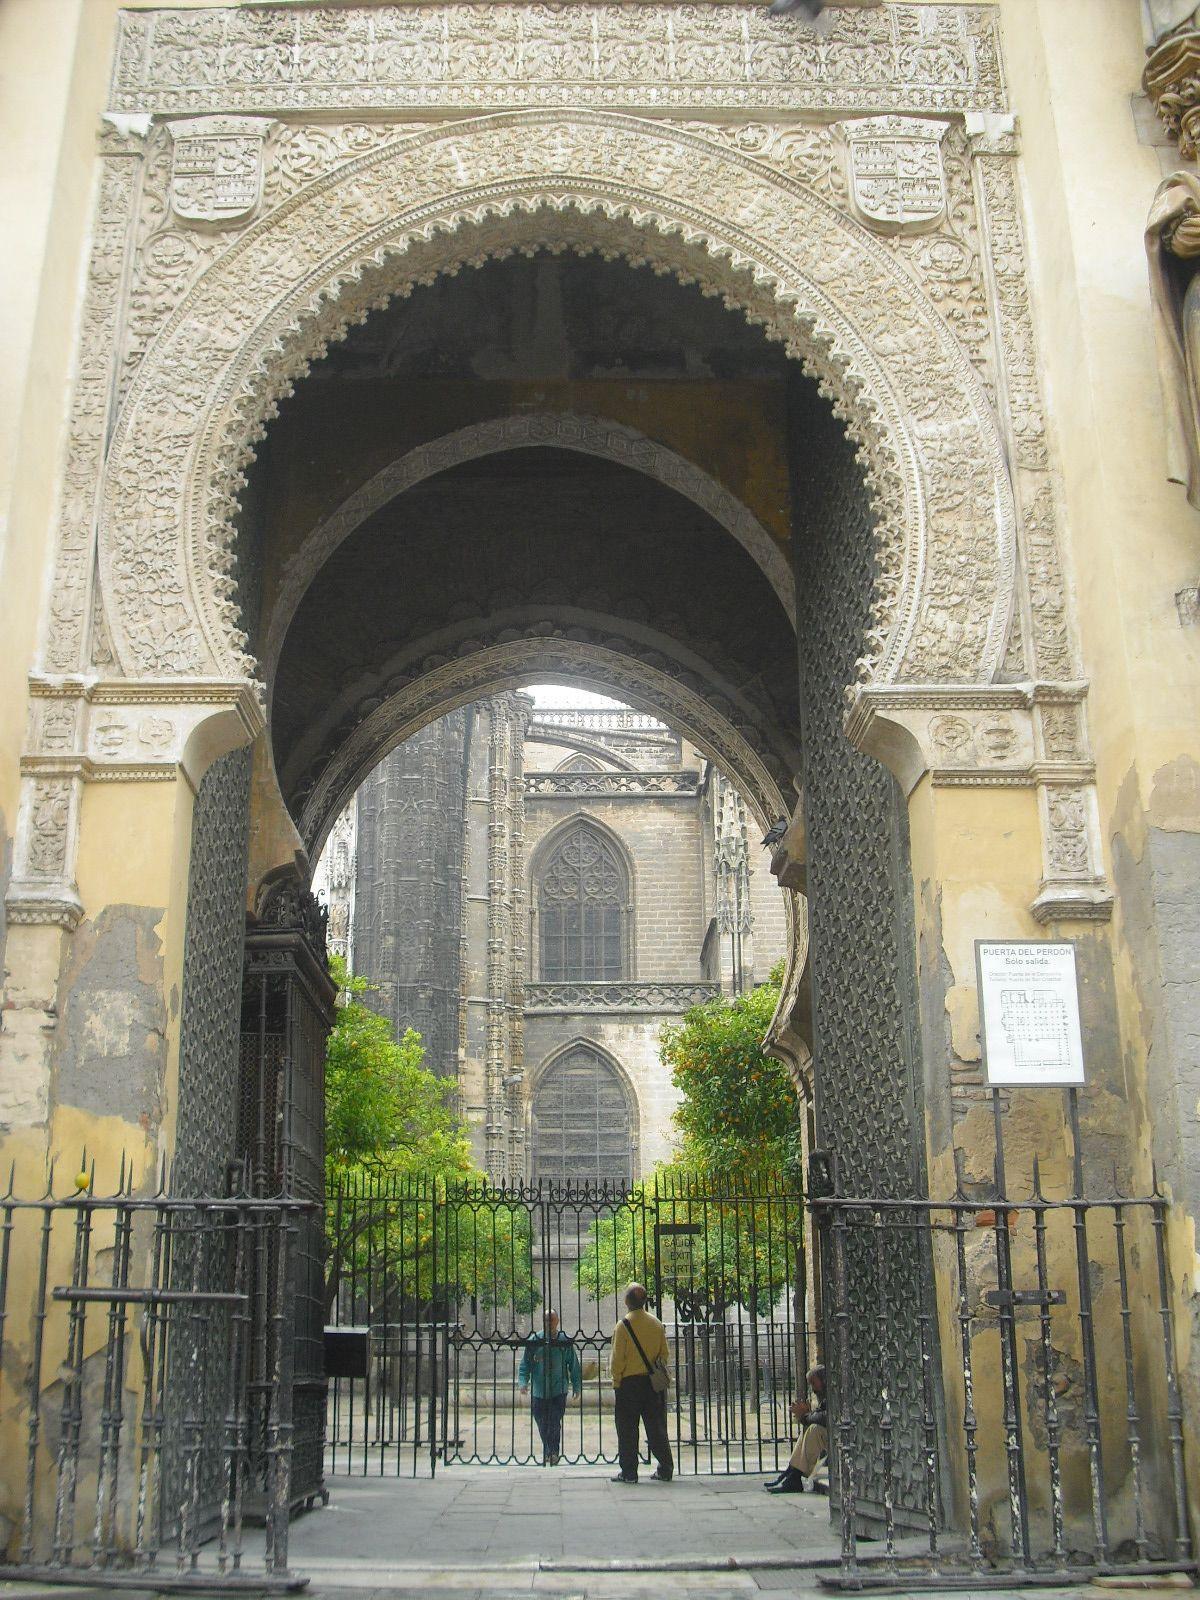 Andalsur excursiones la catedral de sevilla - Puertas de interior en sevilla ...